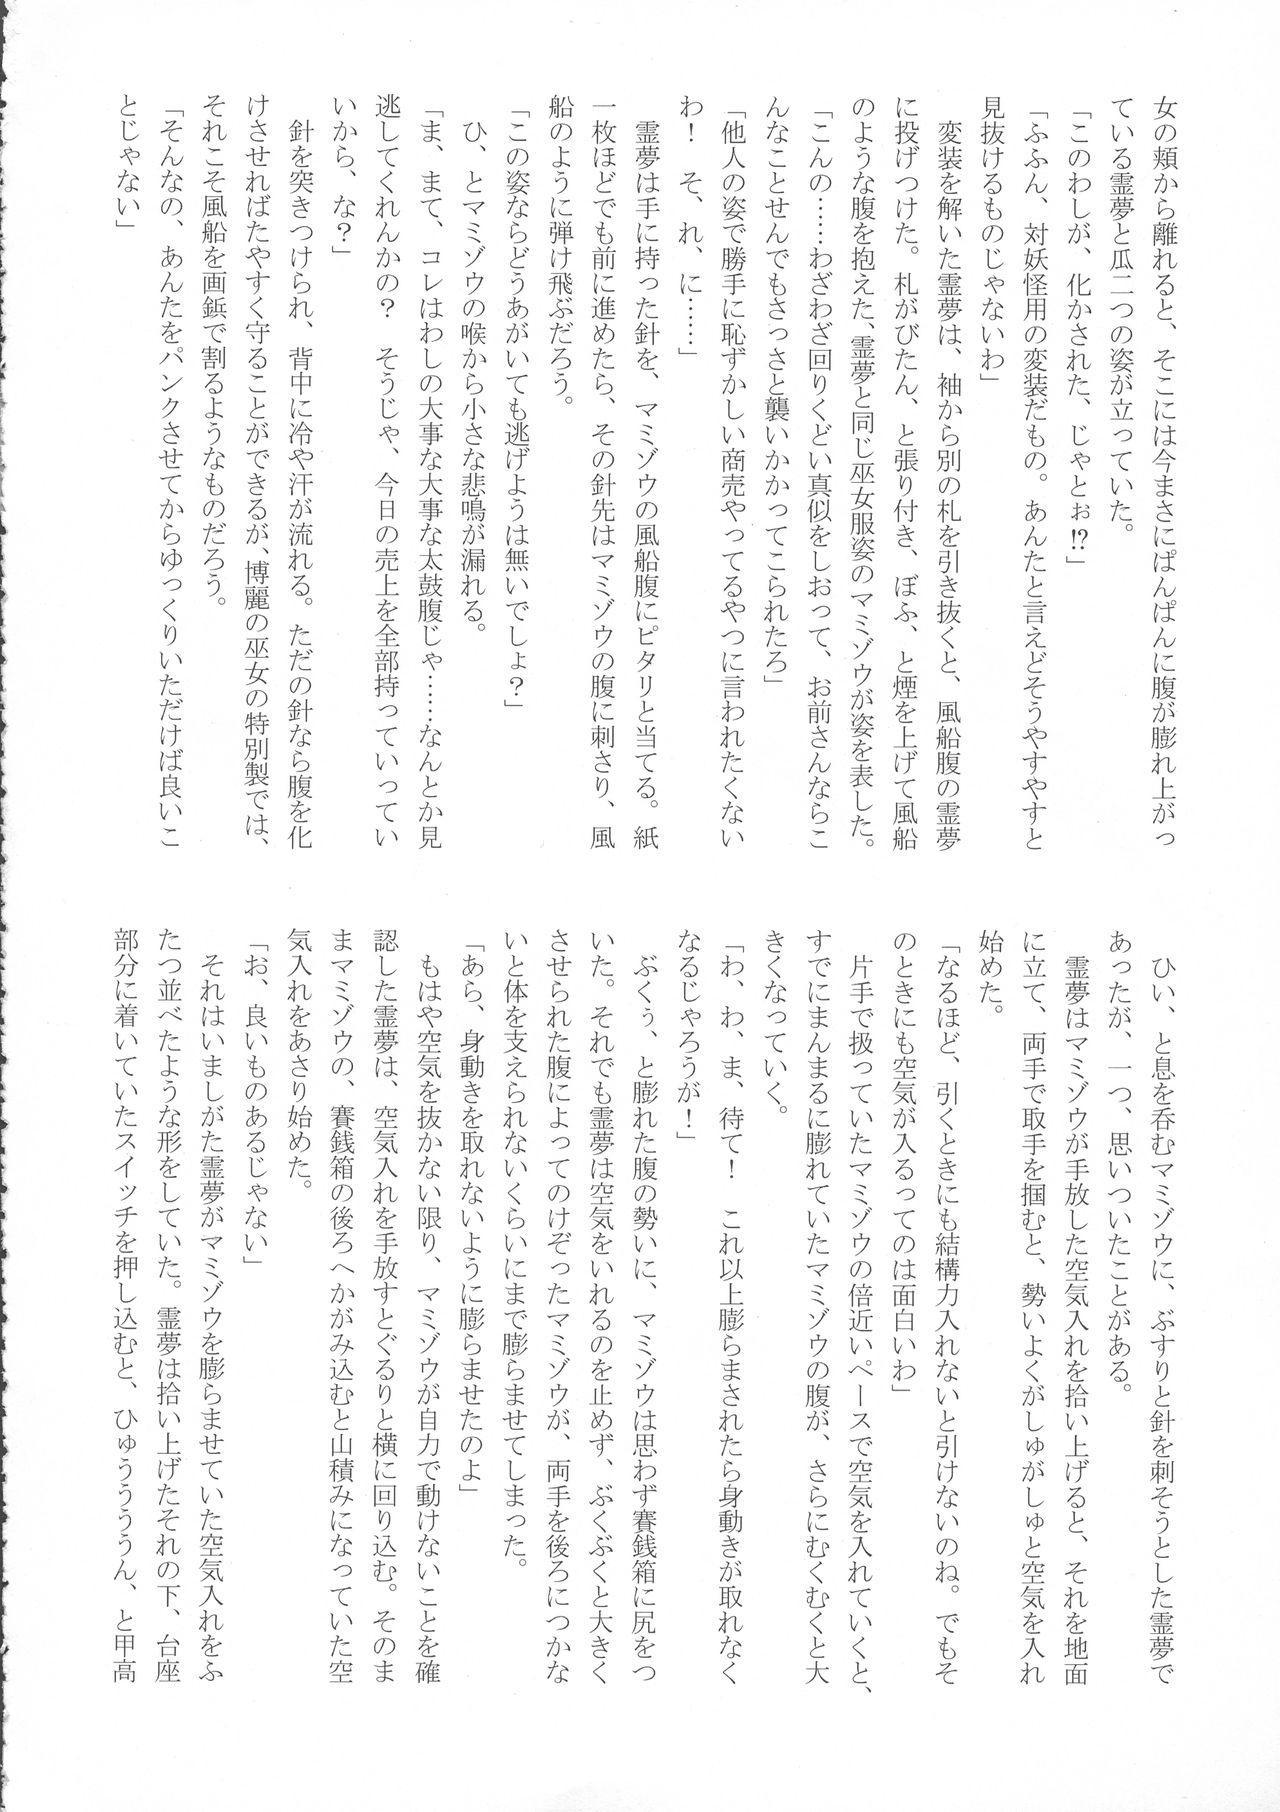 (Reitaisai 15) [HORIC WORKS (Various)] Touhou Bouchou-kei Sougou Goudou-shi `Boujo 2!!!!!!!!' (Touhou Project) 88